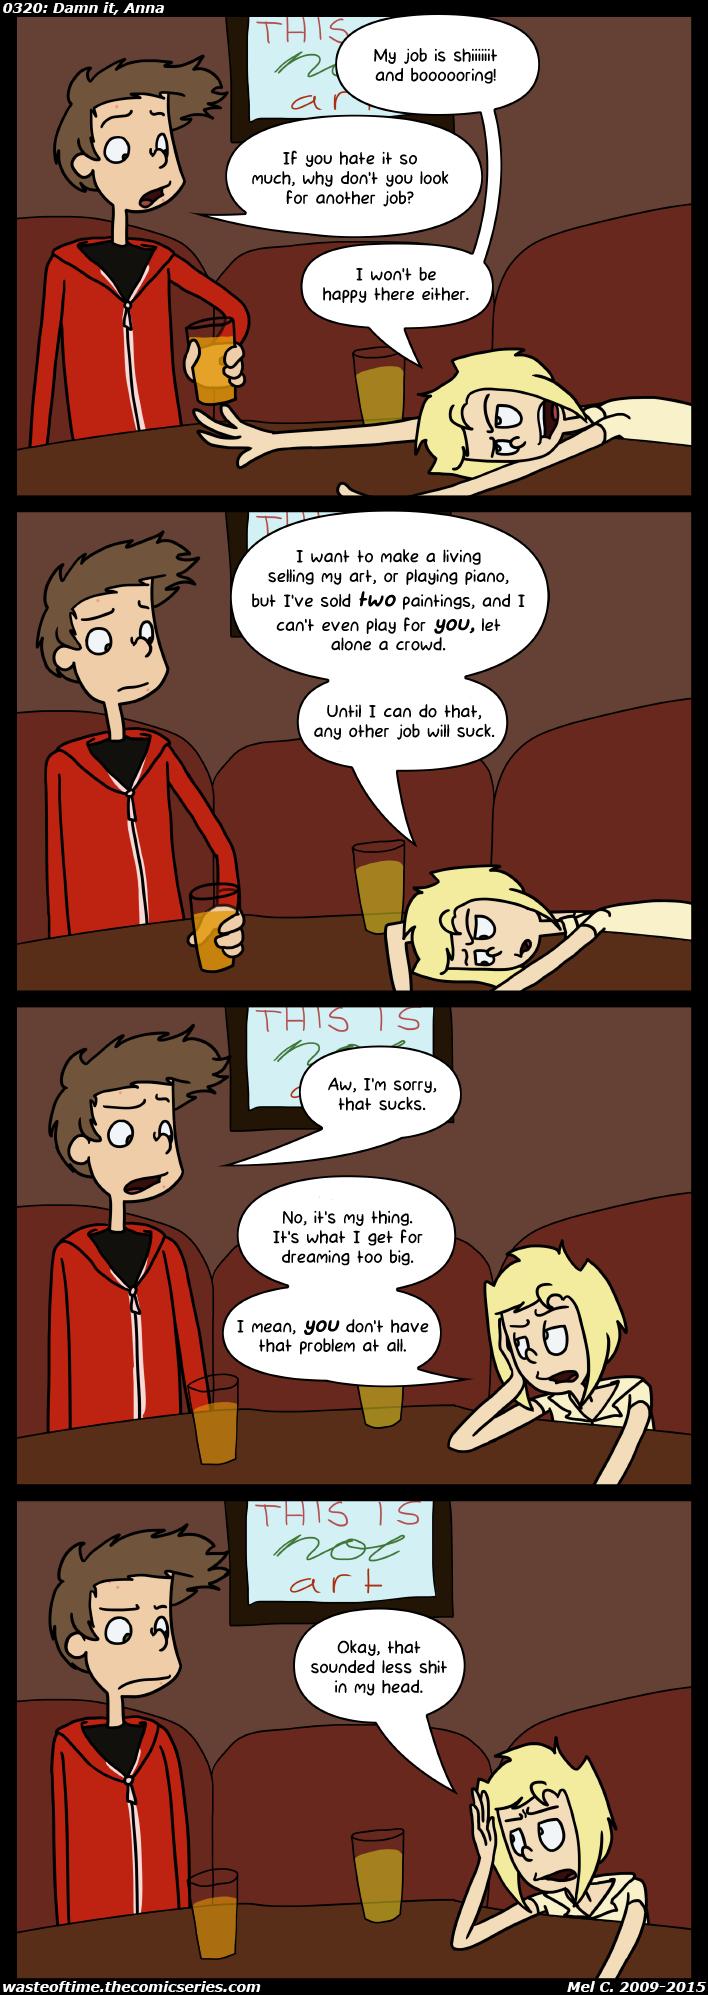 0320: Damn it, Anna